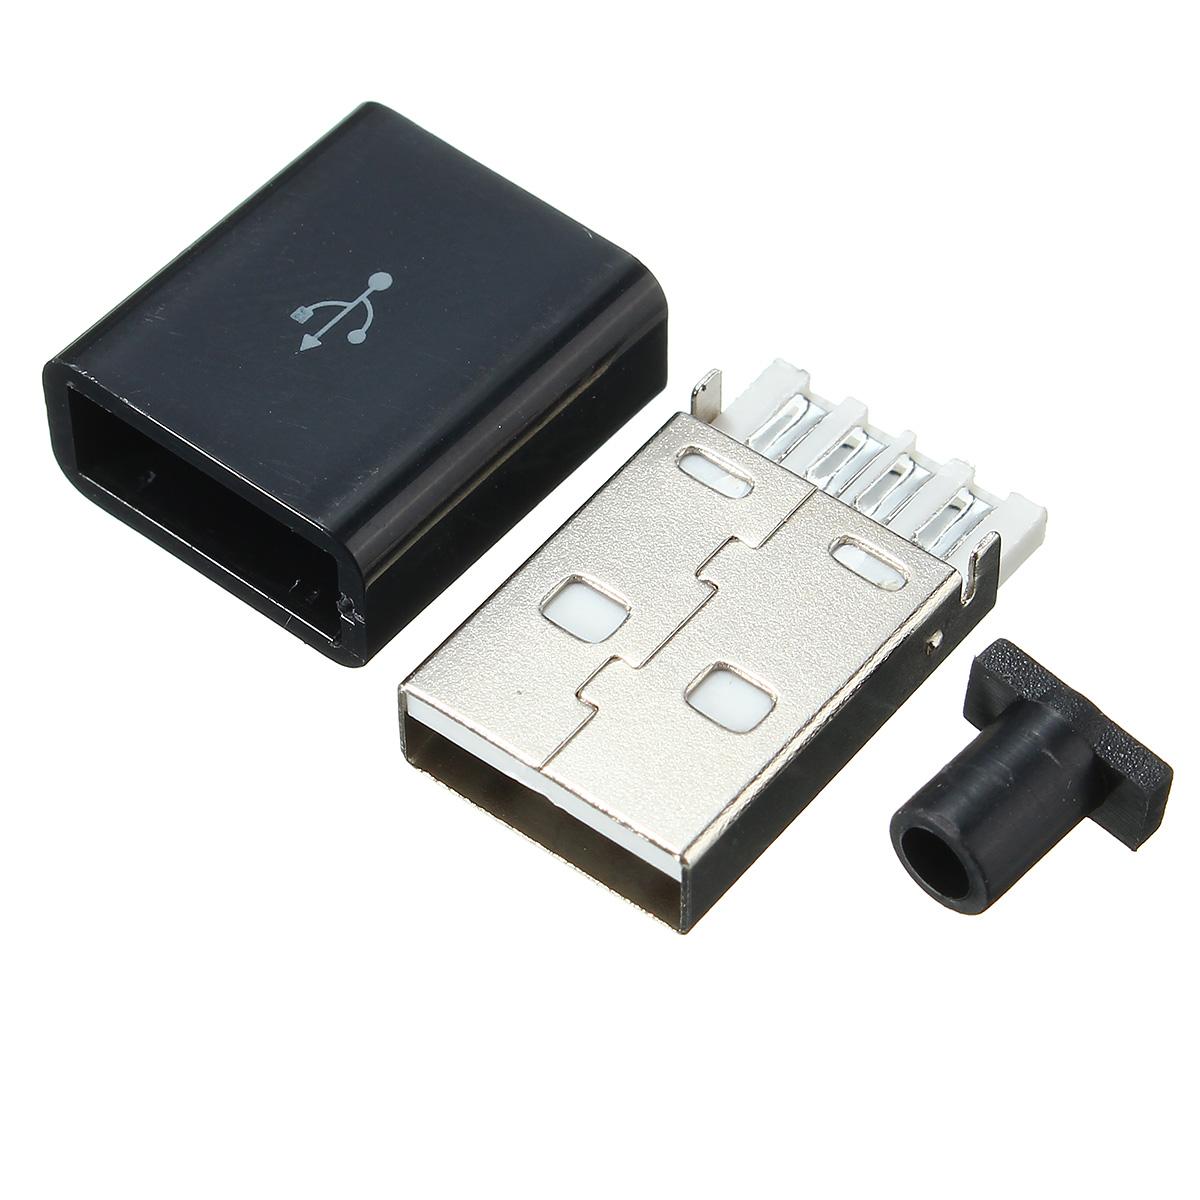 10Pcs USB 2.0 Коннектор Тип A разъемный 4-контактный мужской адаптер Припой Коннектор с черной пластиковой крышкой